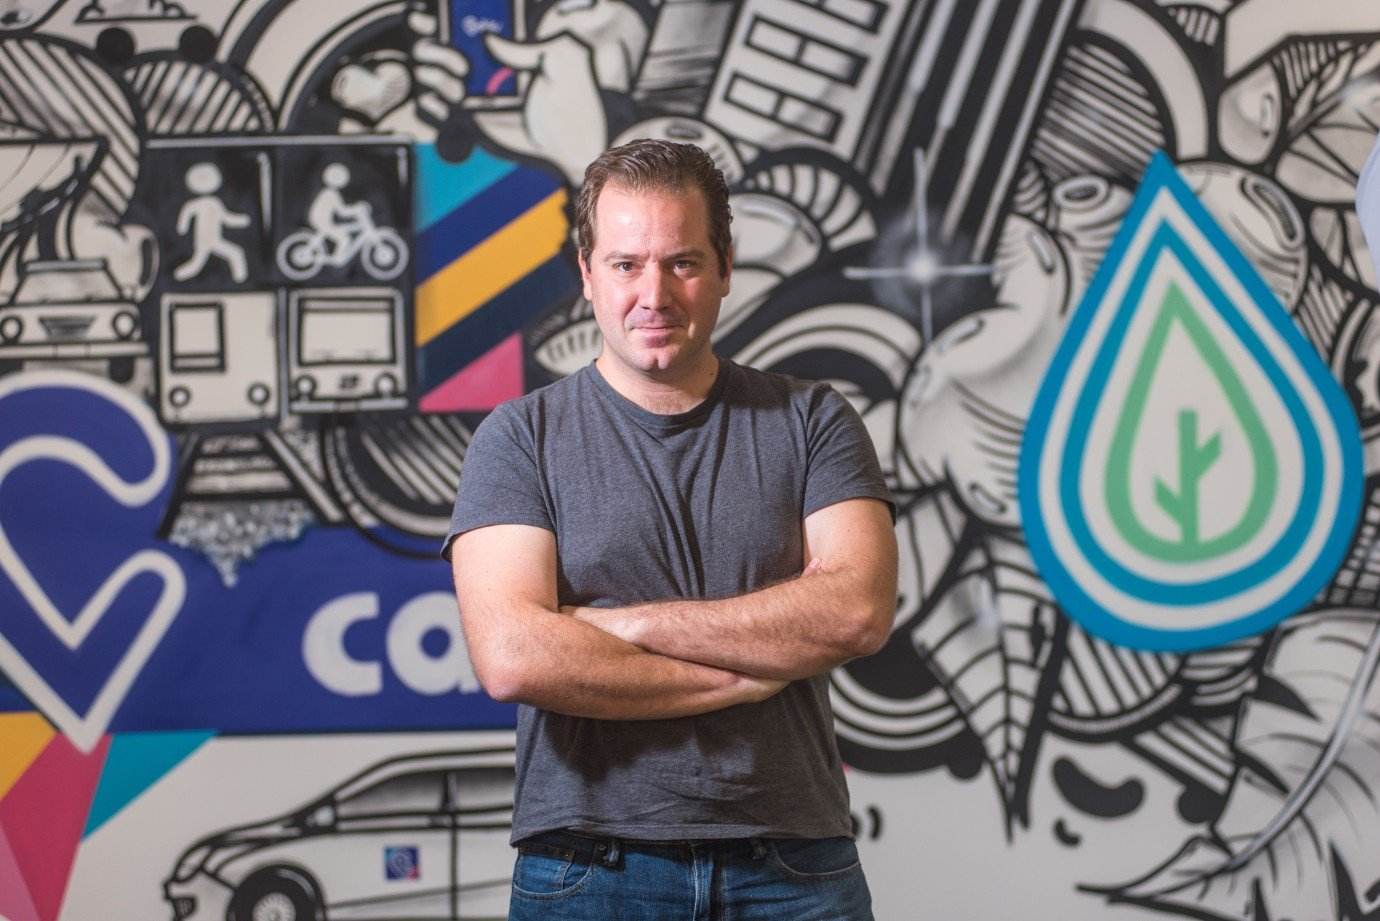 Pedro Meduna, gerente geral da Cabify no Brasil